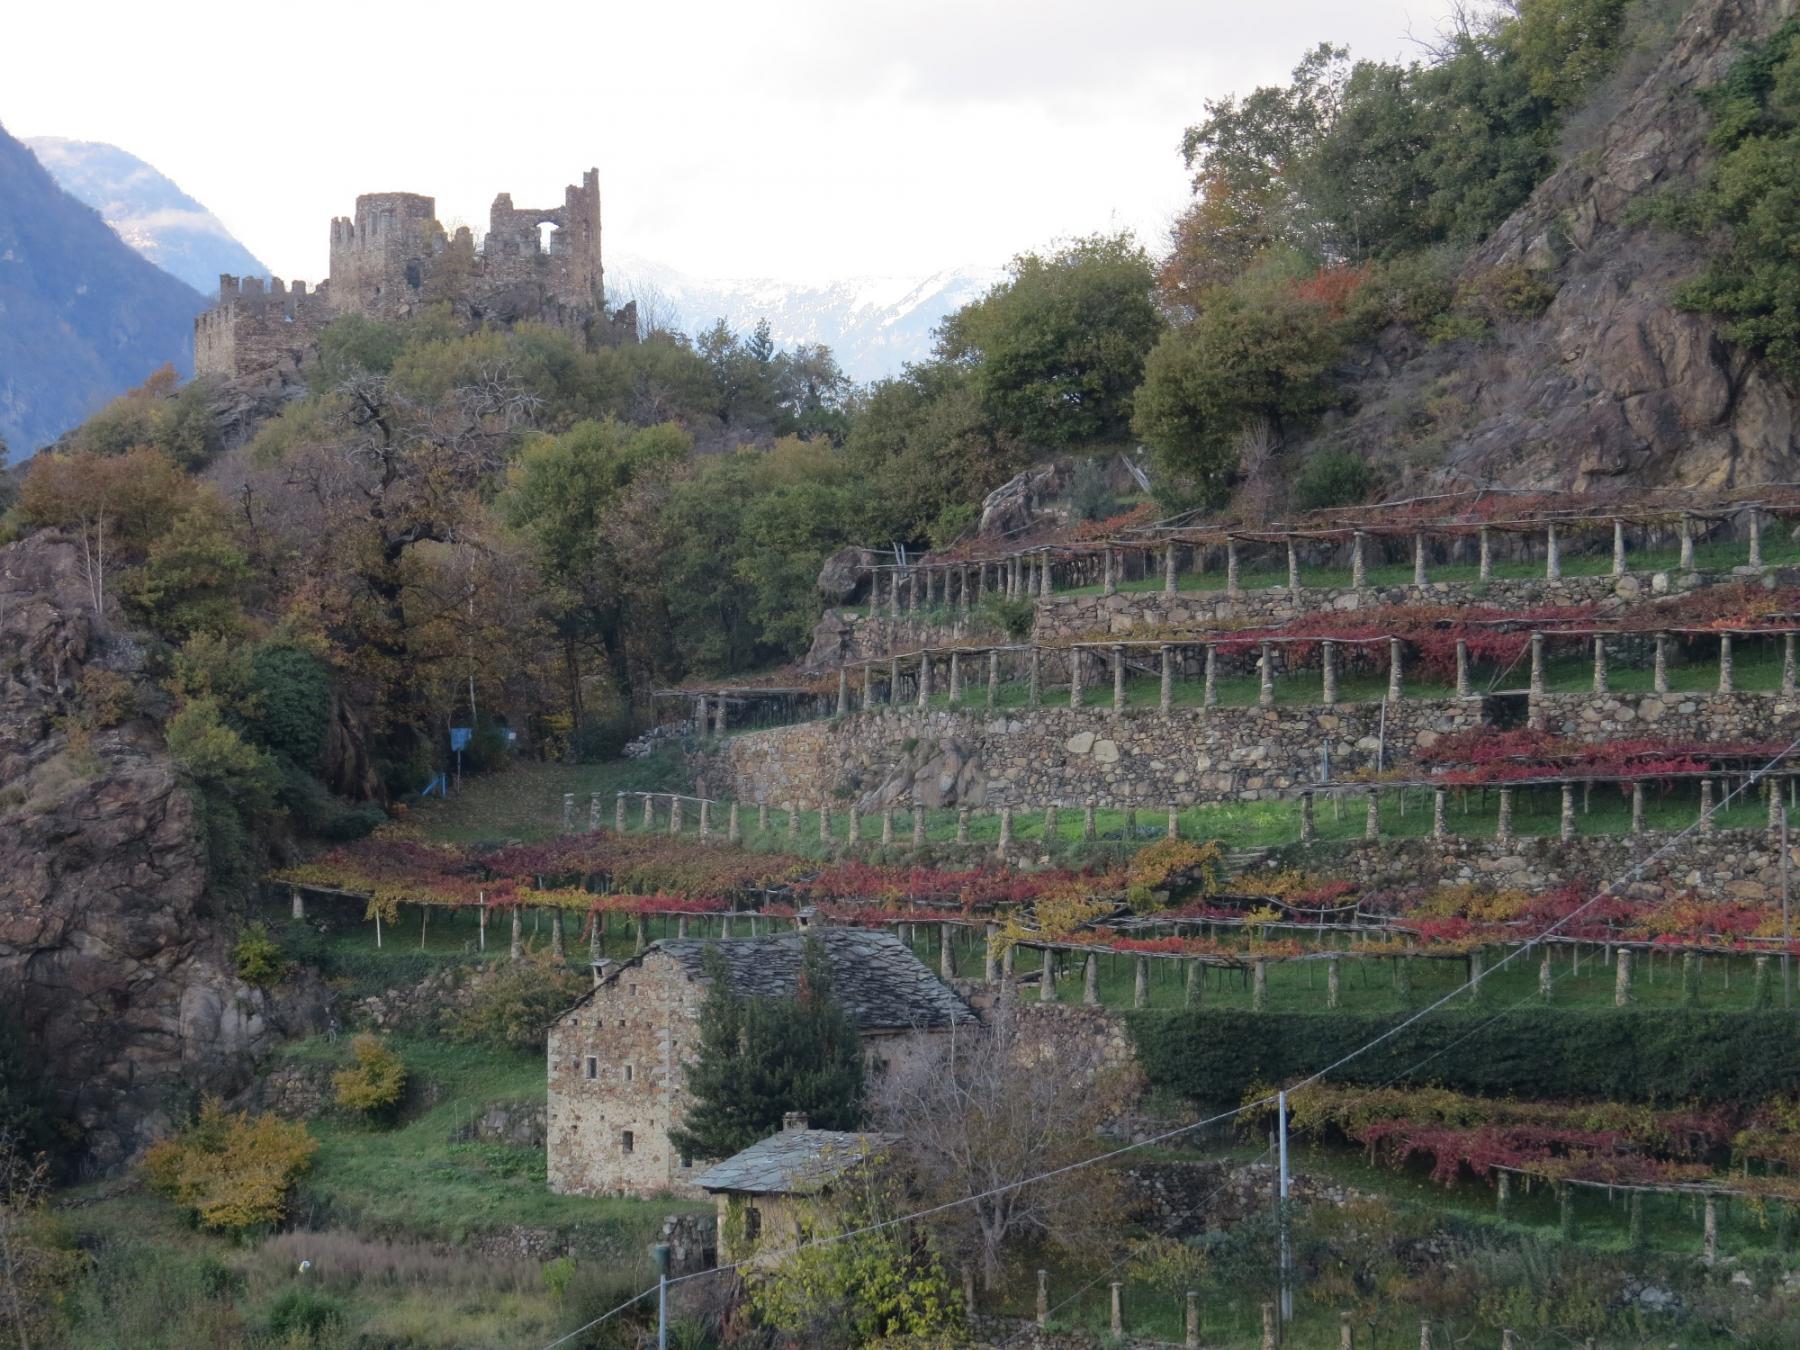 A Cesnola, Castelletto e topie in colore